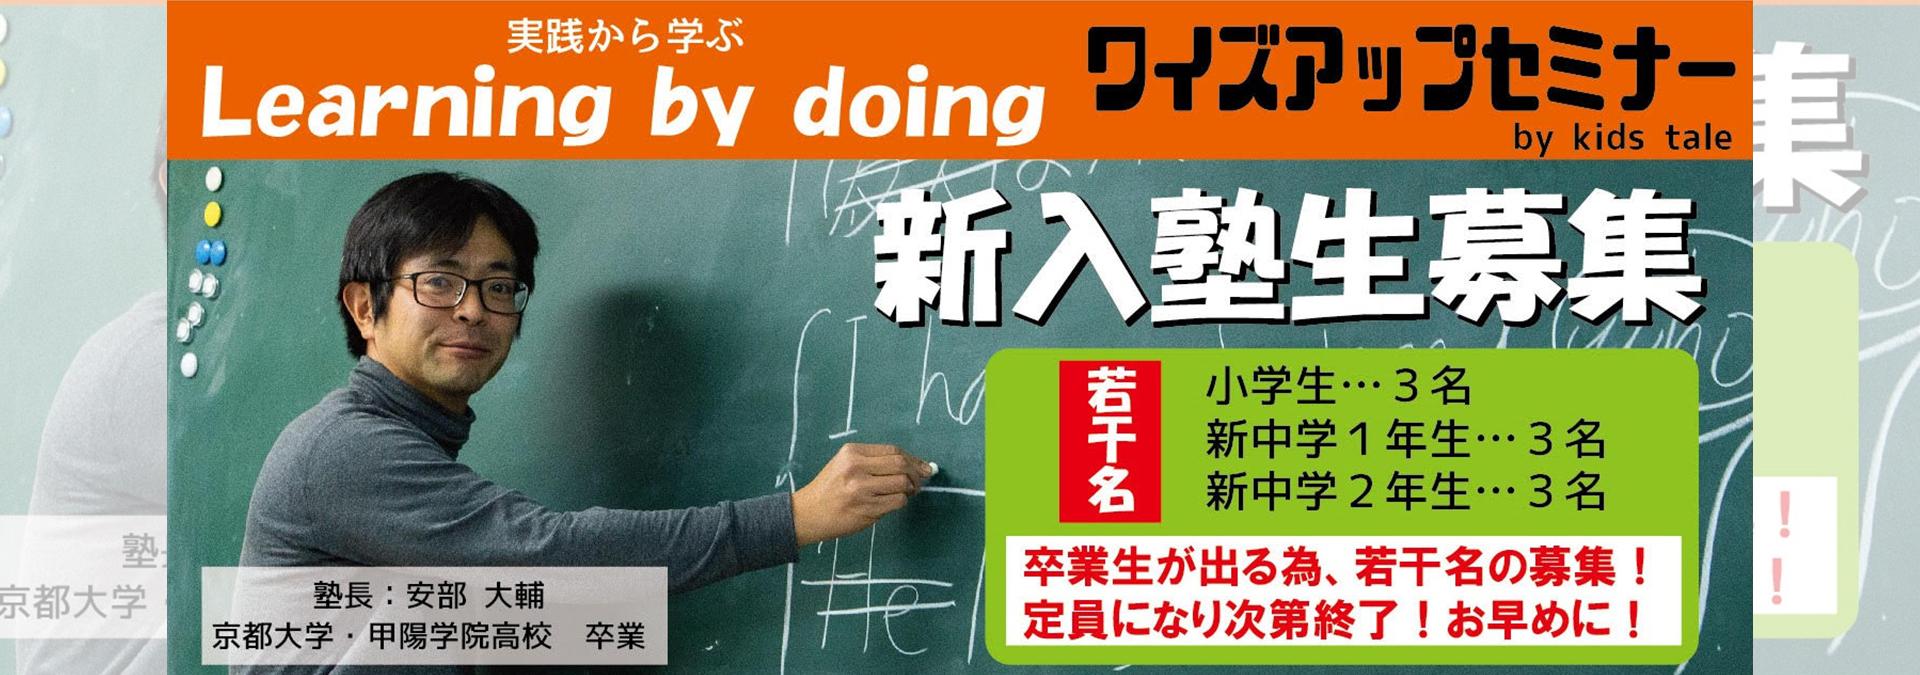 ワイズアップセミナー学習塾